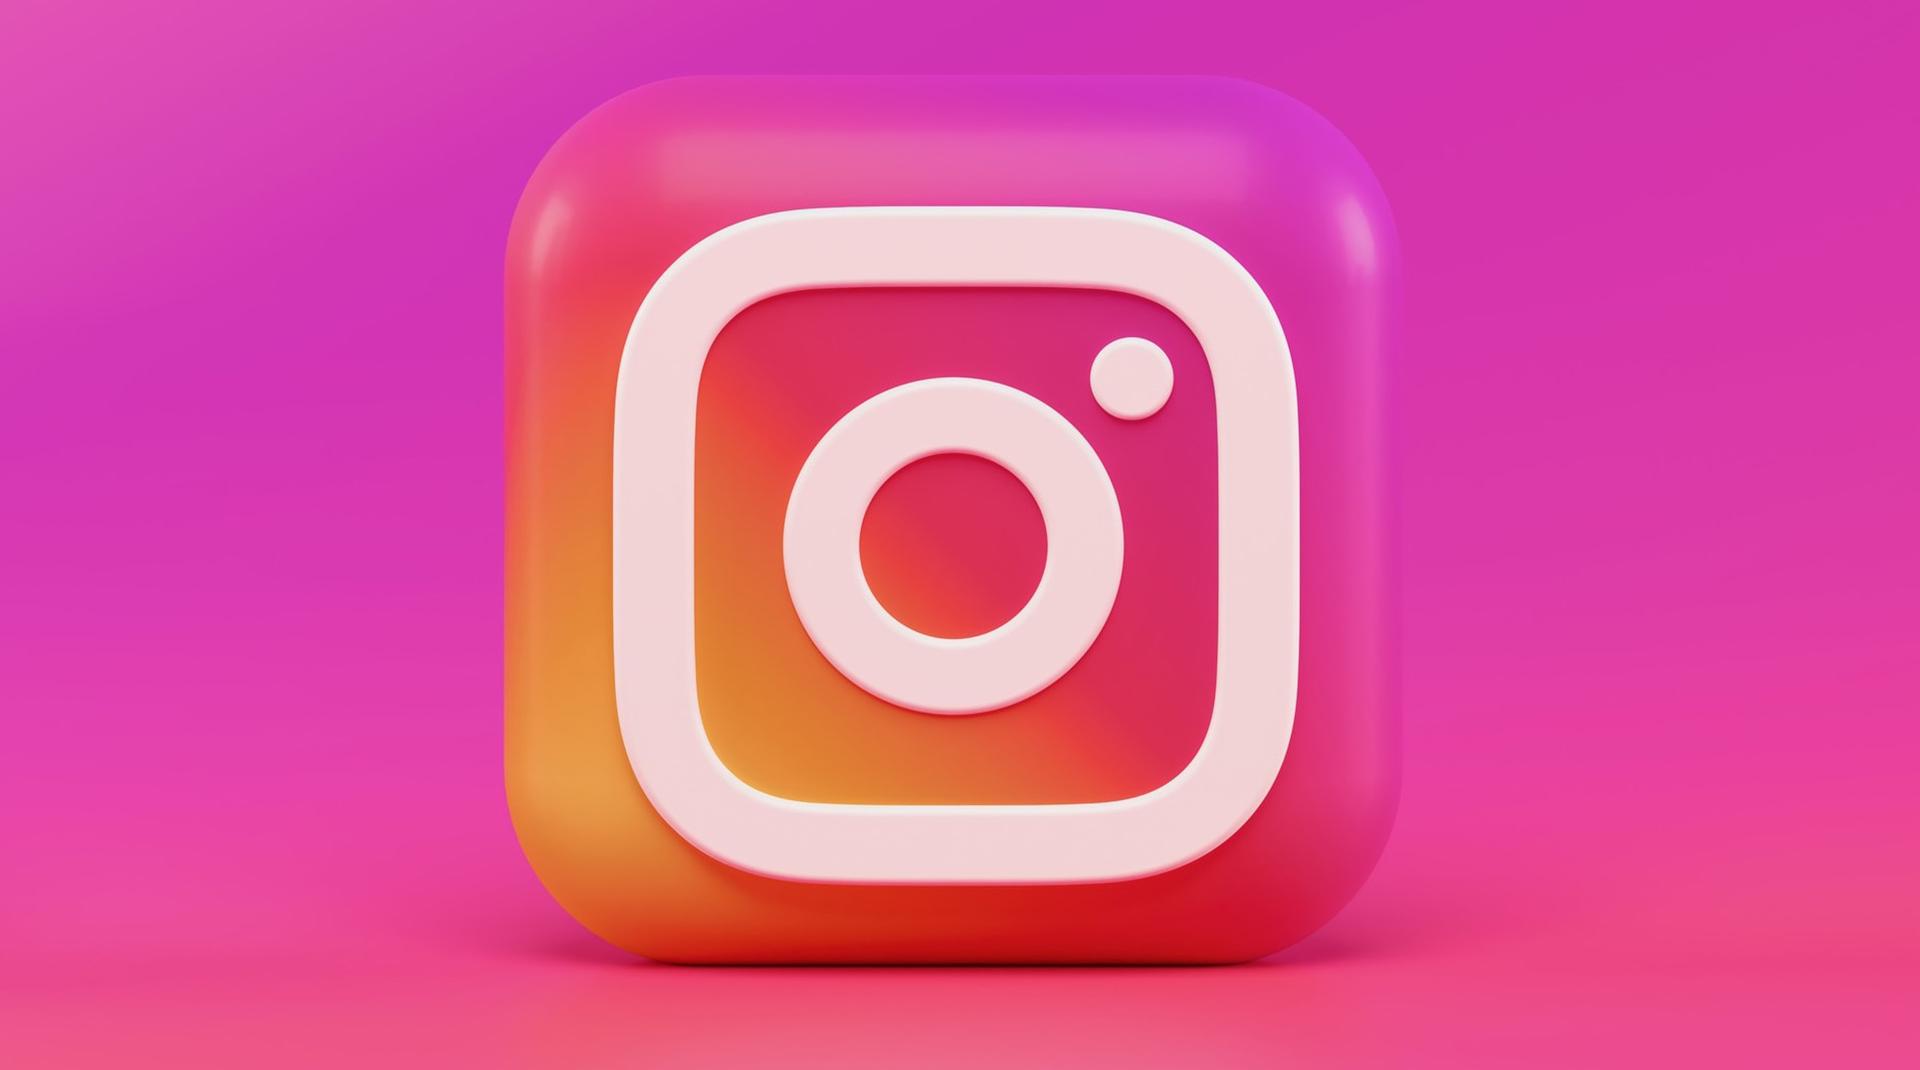 Примите участие в исследовании TexTerra «Что и как вы покупаете в Instagram»